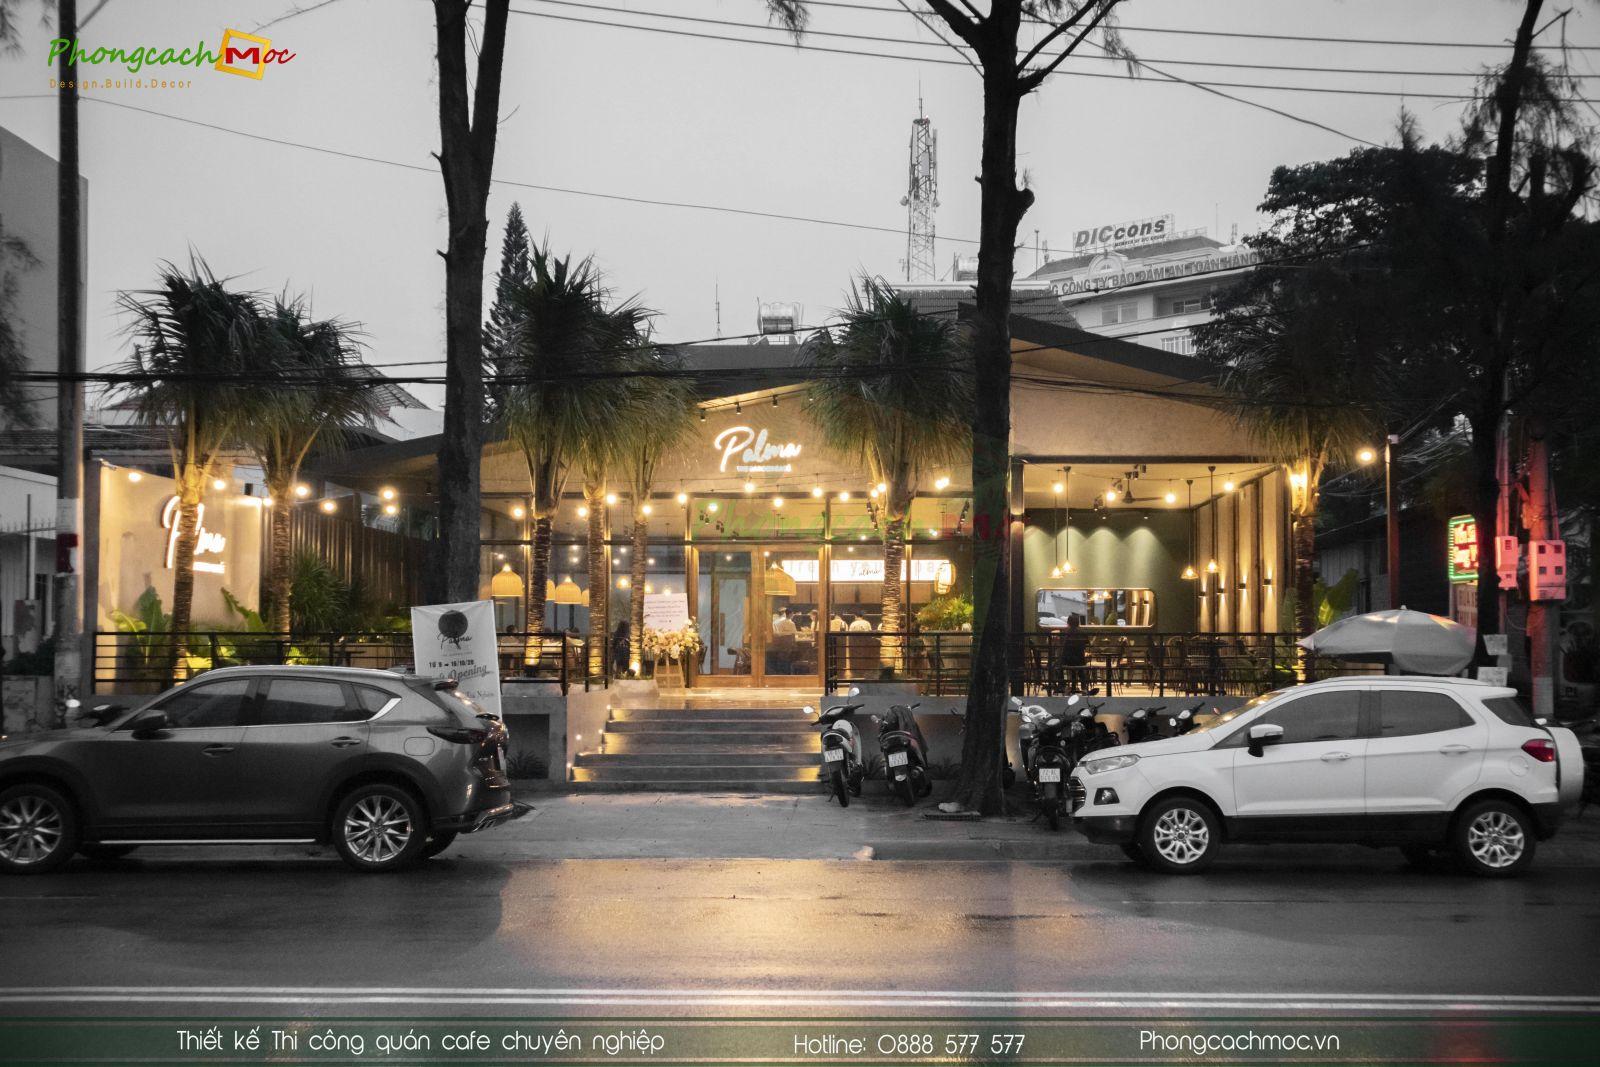 layout thiết kế quán cafe phân khu chức năng